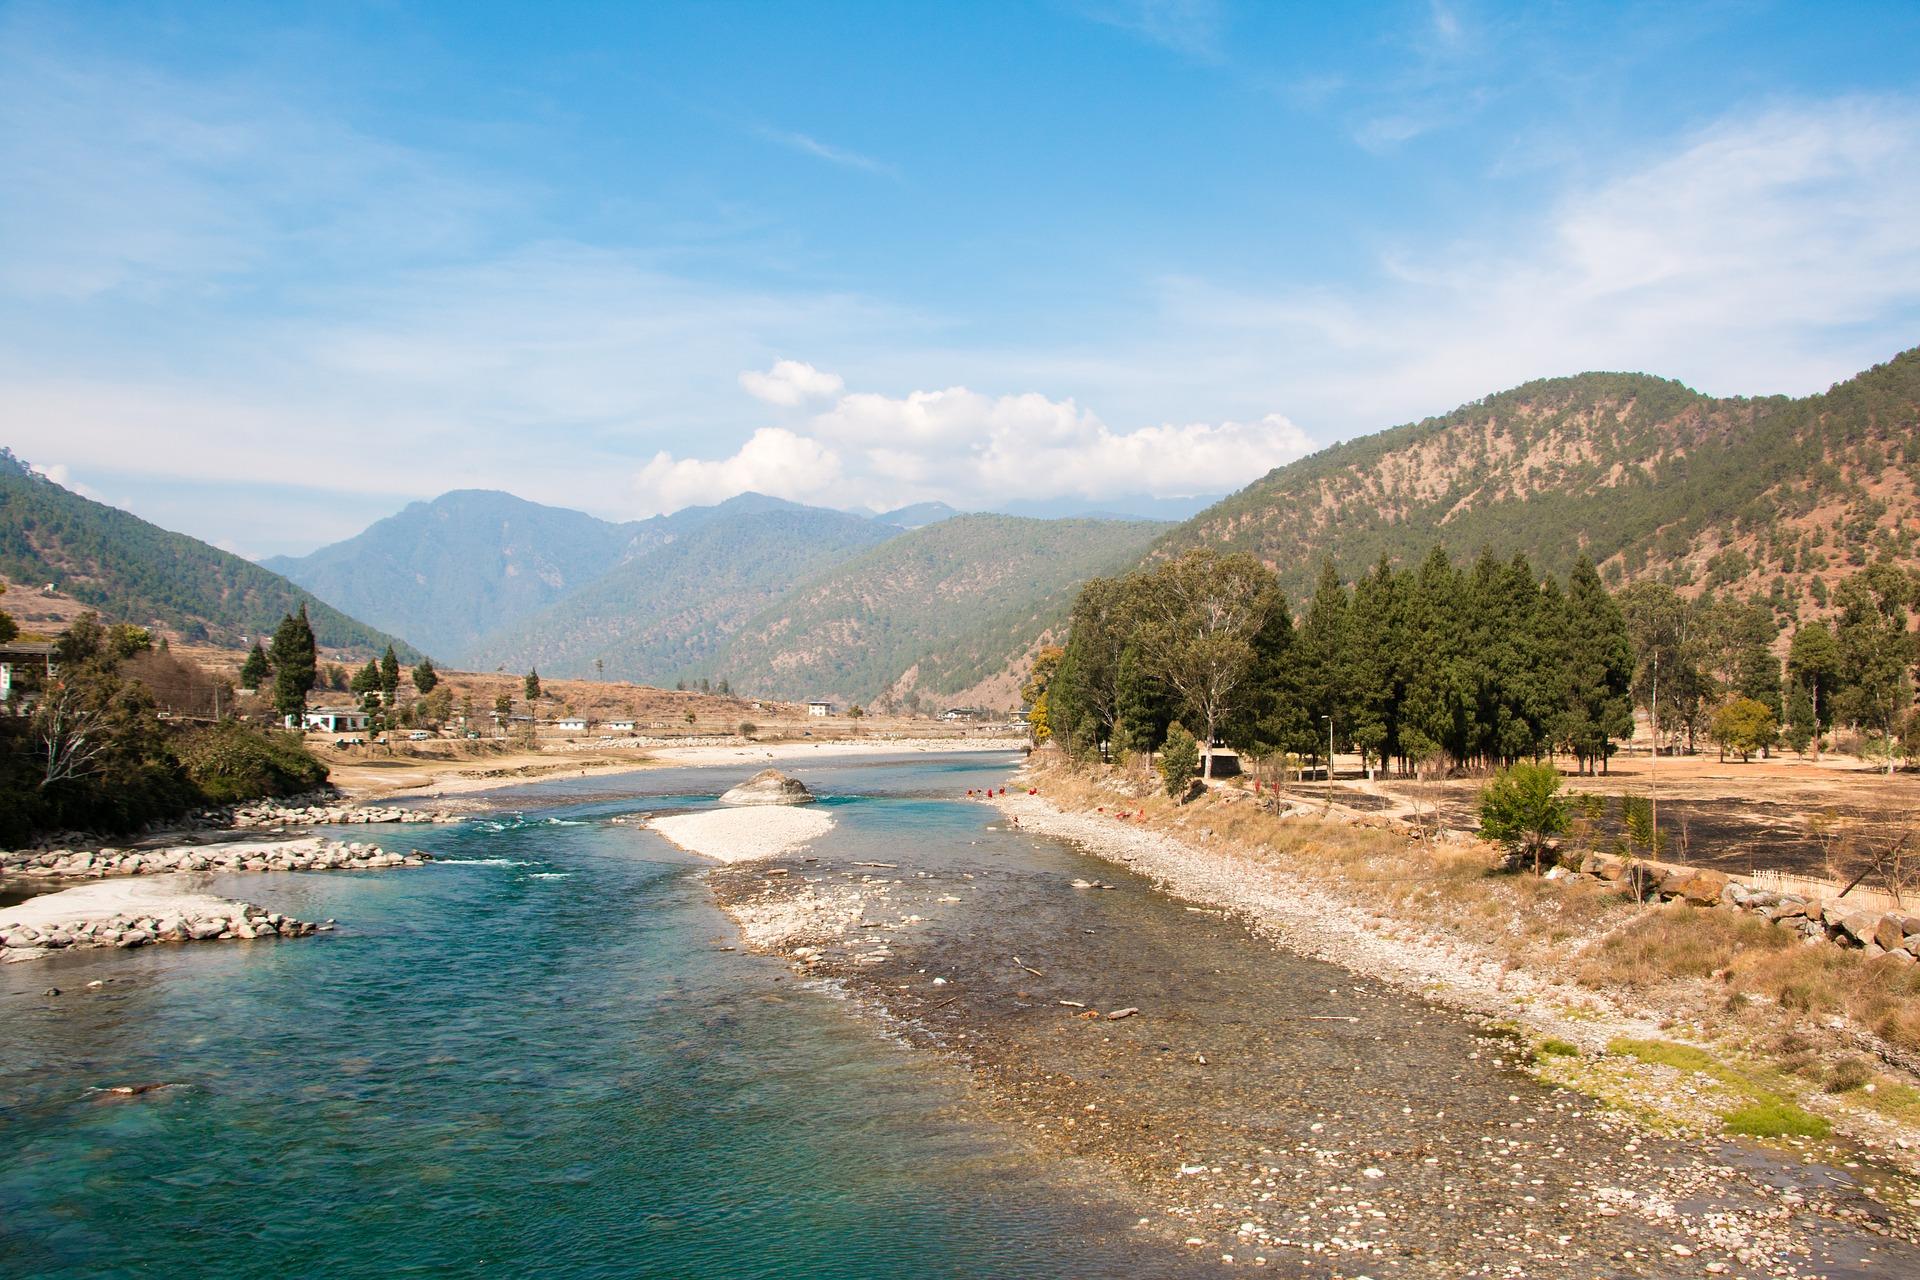 bhutan-2817362_1920.jpg